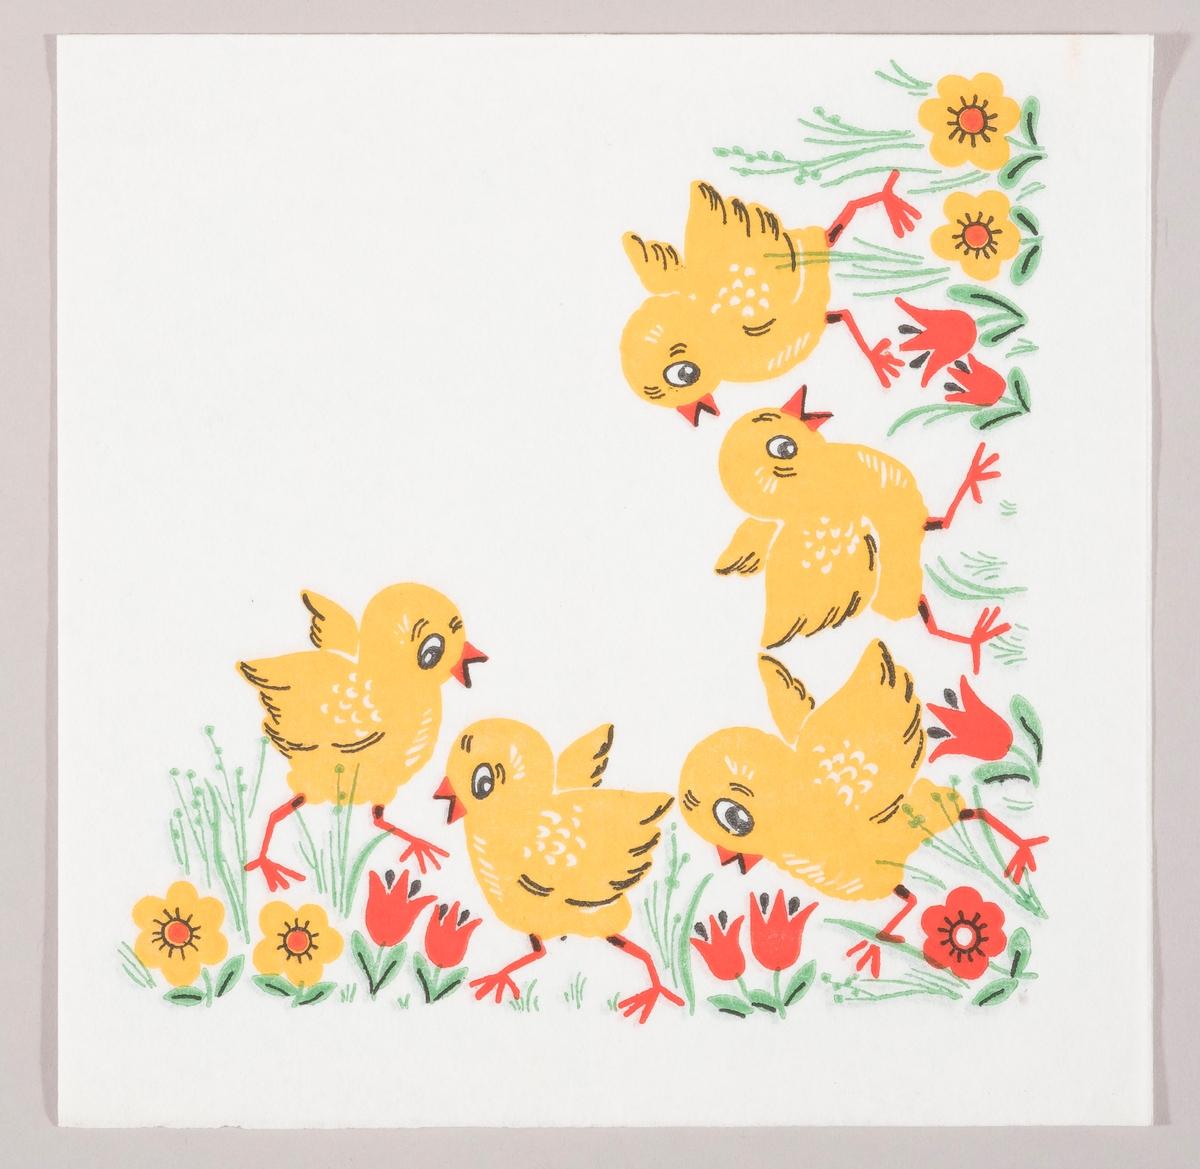 Fem kyllinger i en eng med oransje og røde blomster.